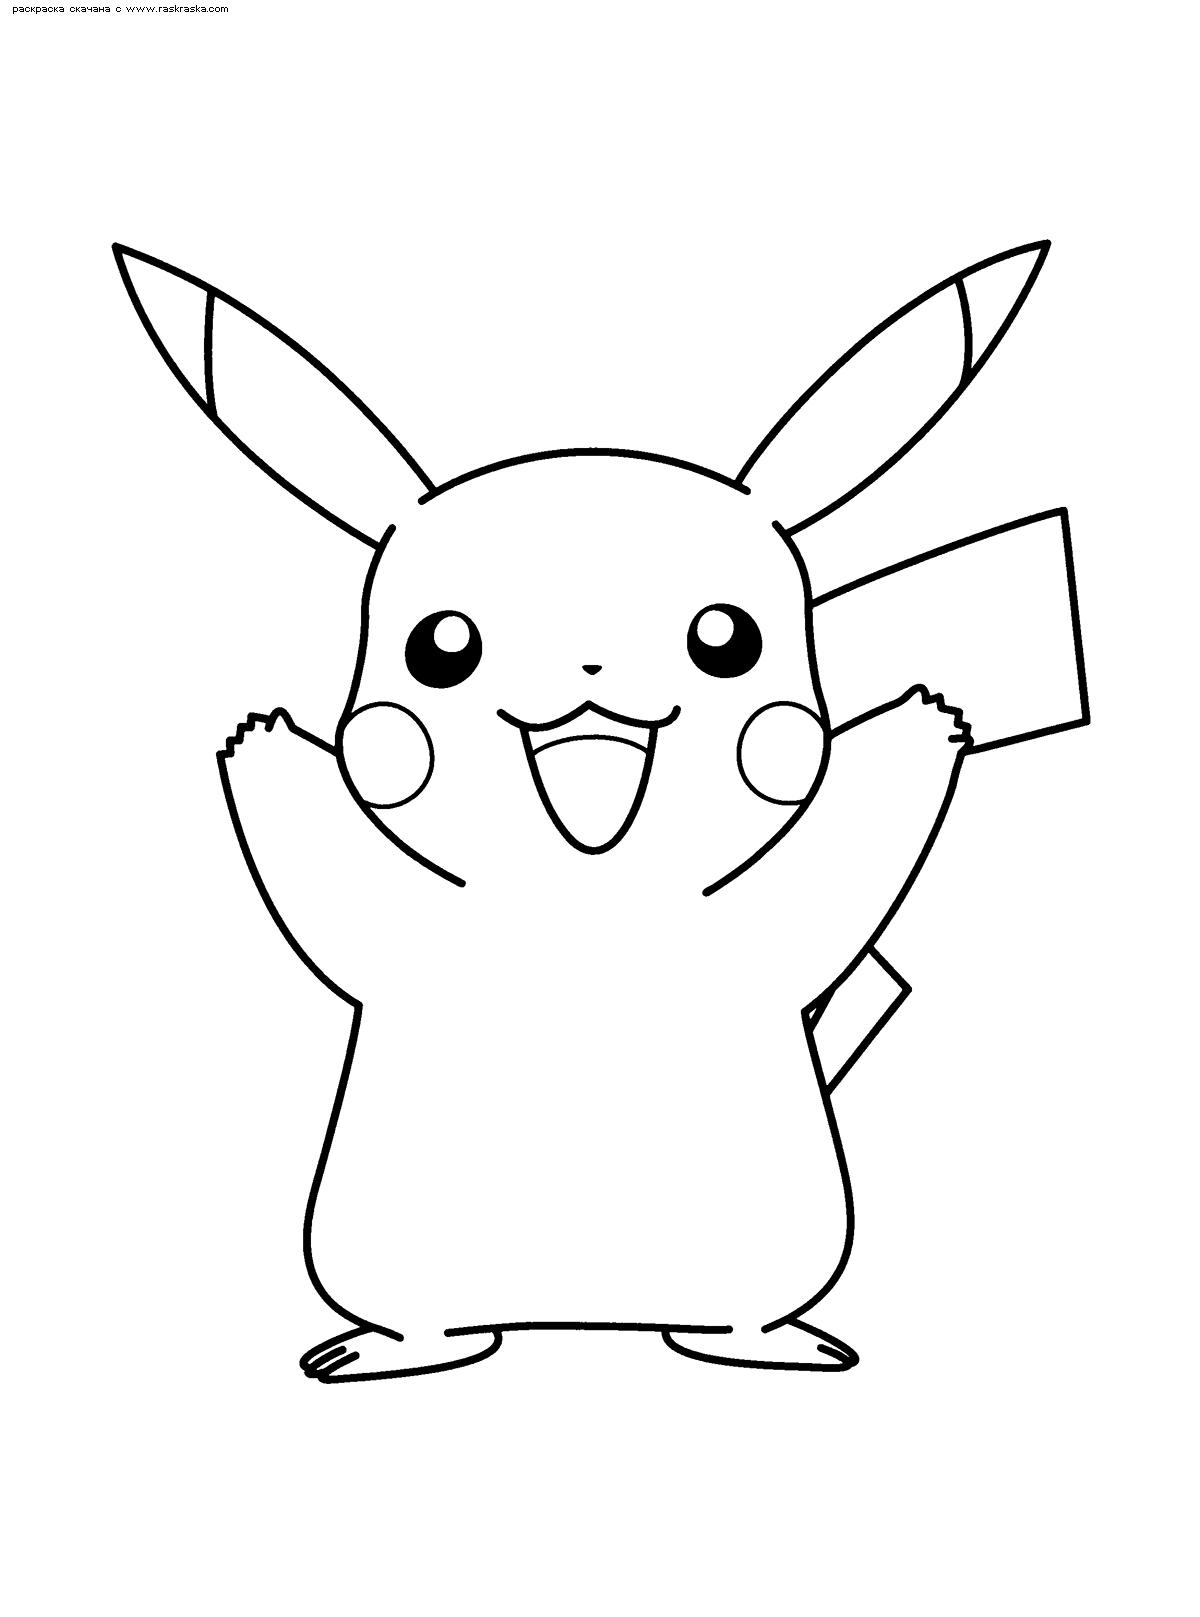 Раскраска Покемон Пикачу | Раскраски Пикачу (Pikachu)